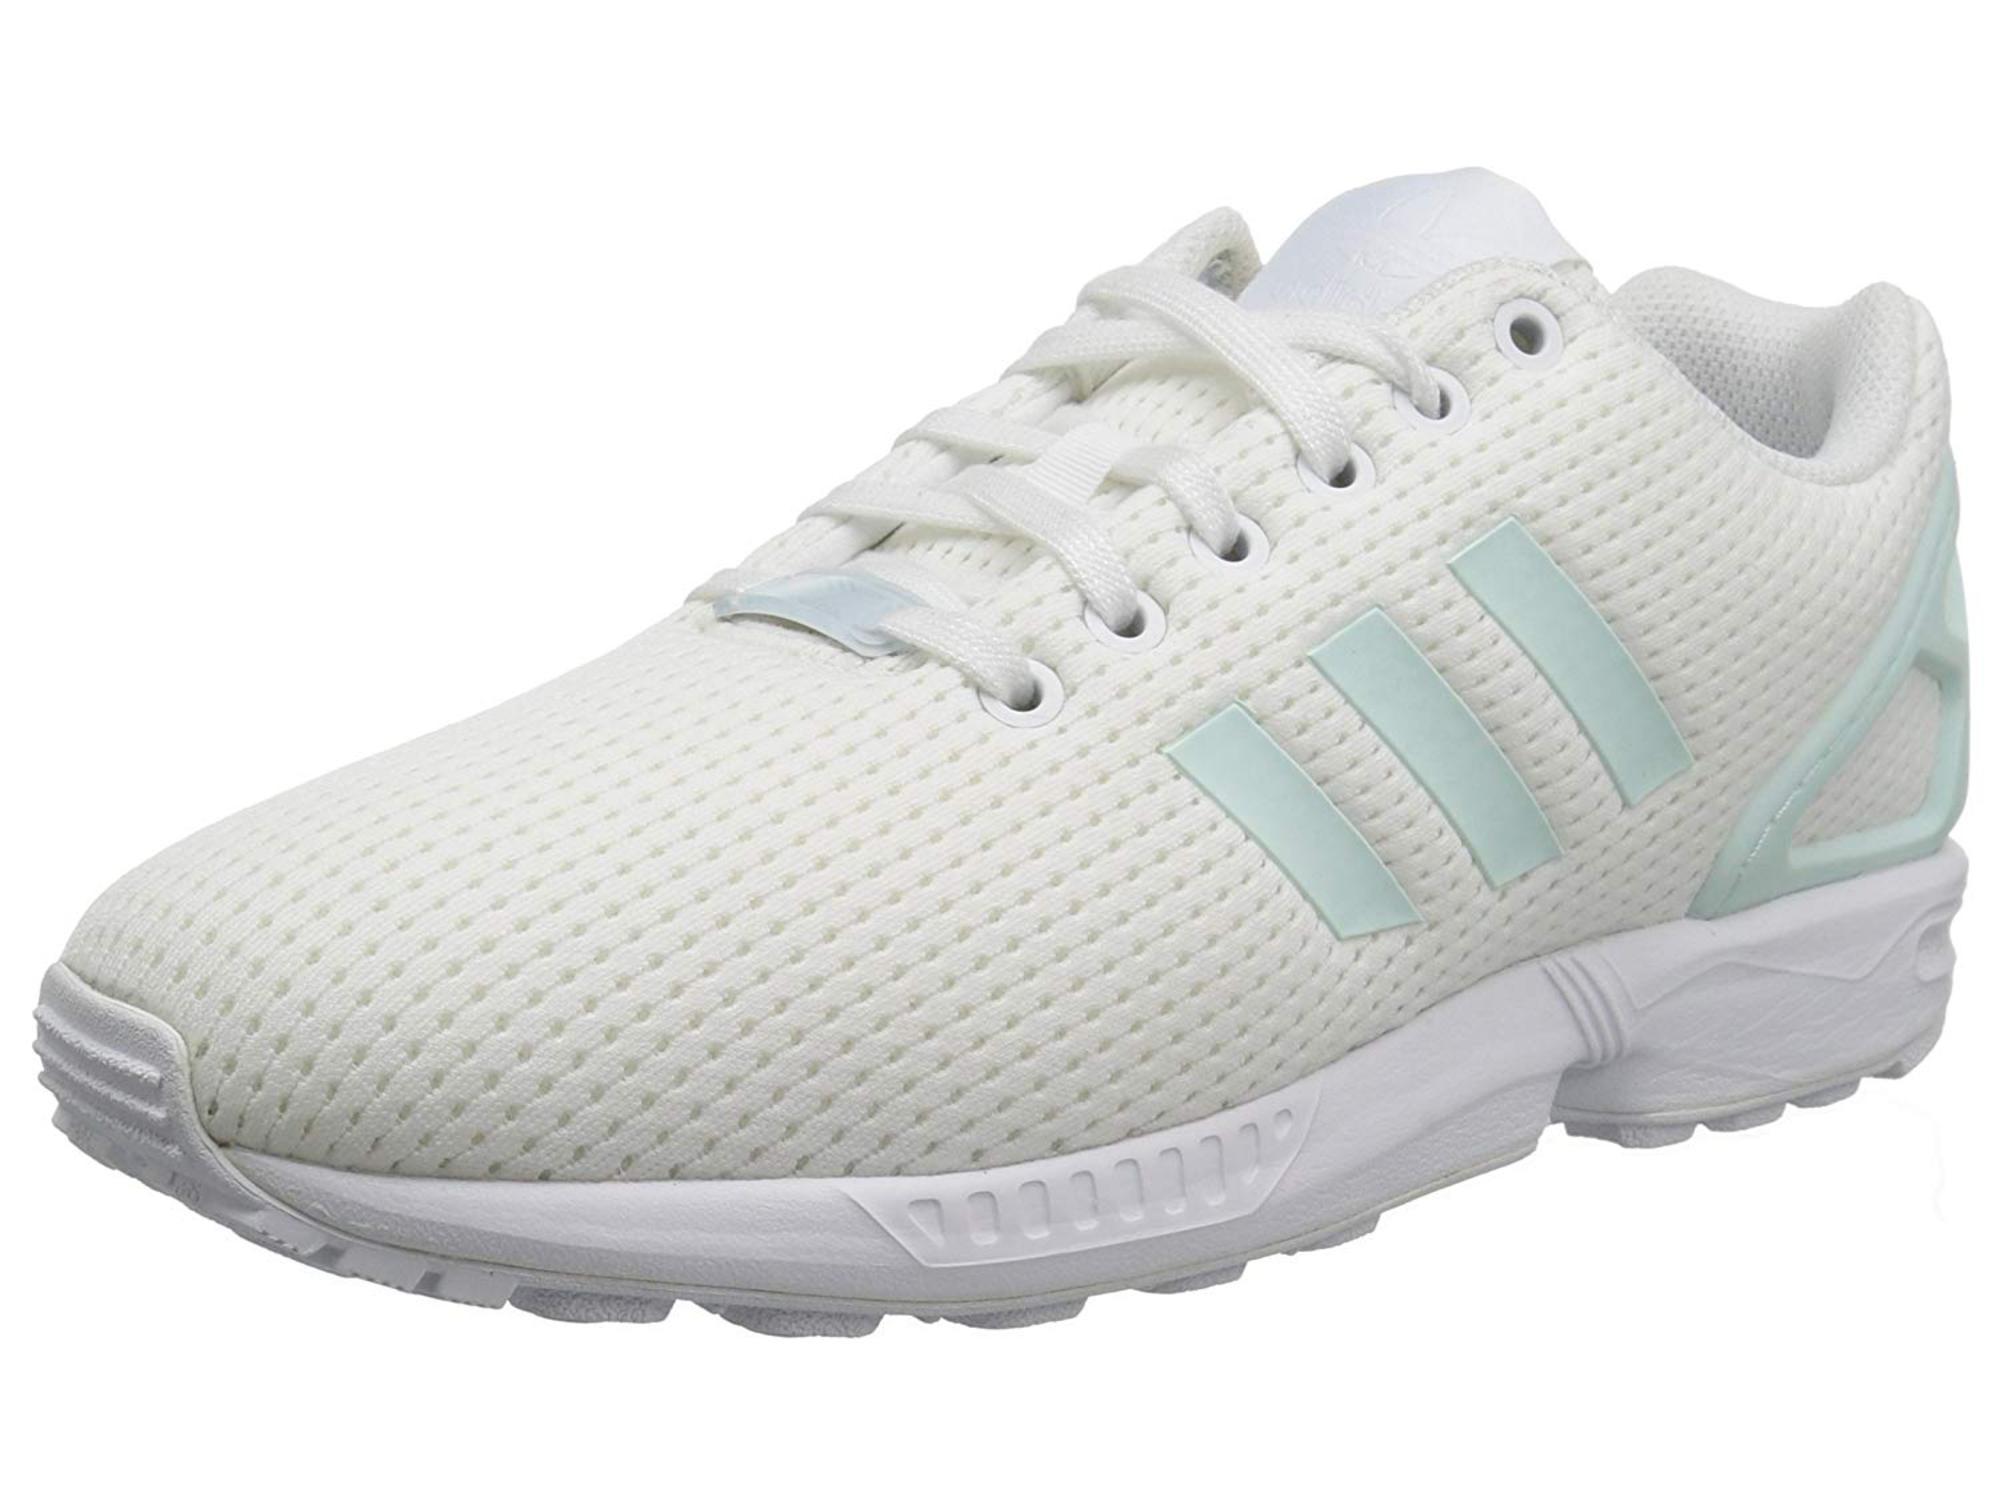 adidas Originals Women's ZX Flux W Running Shoe, Grey, Size 11.0